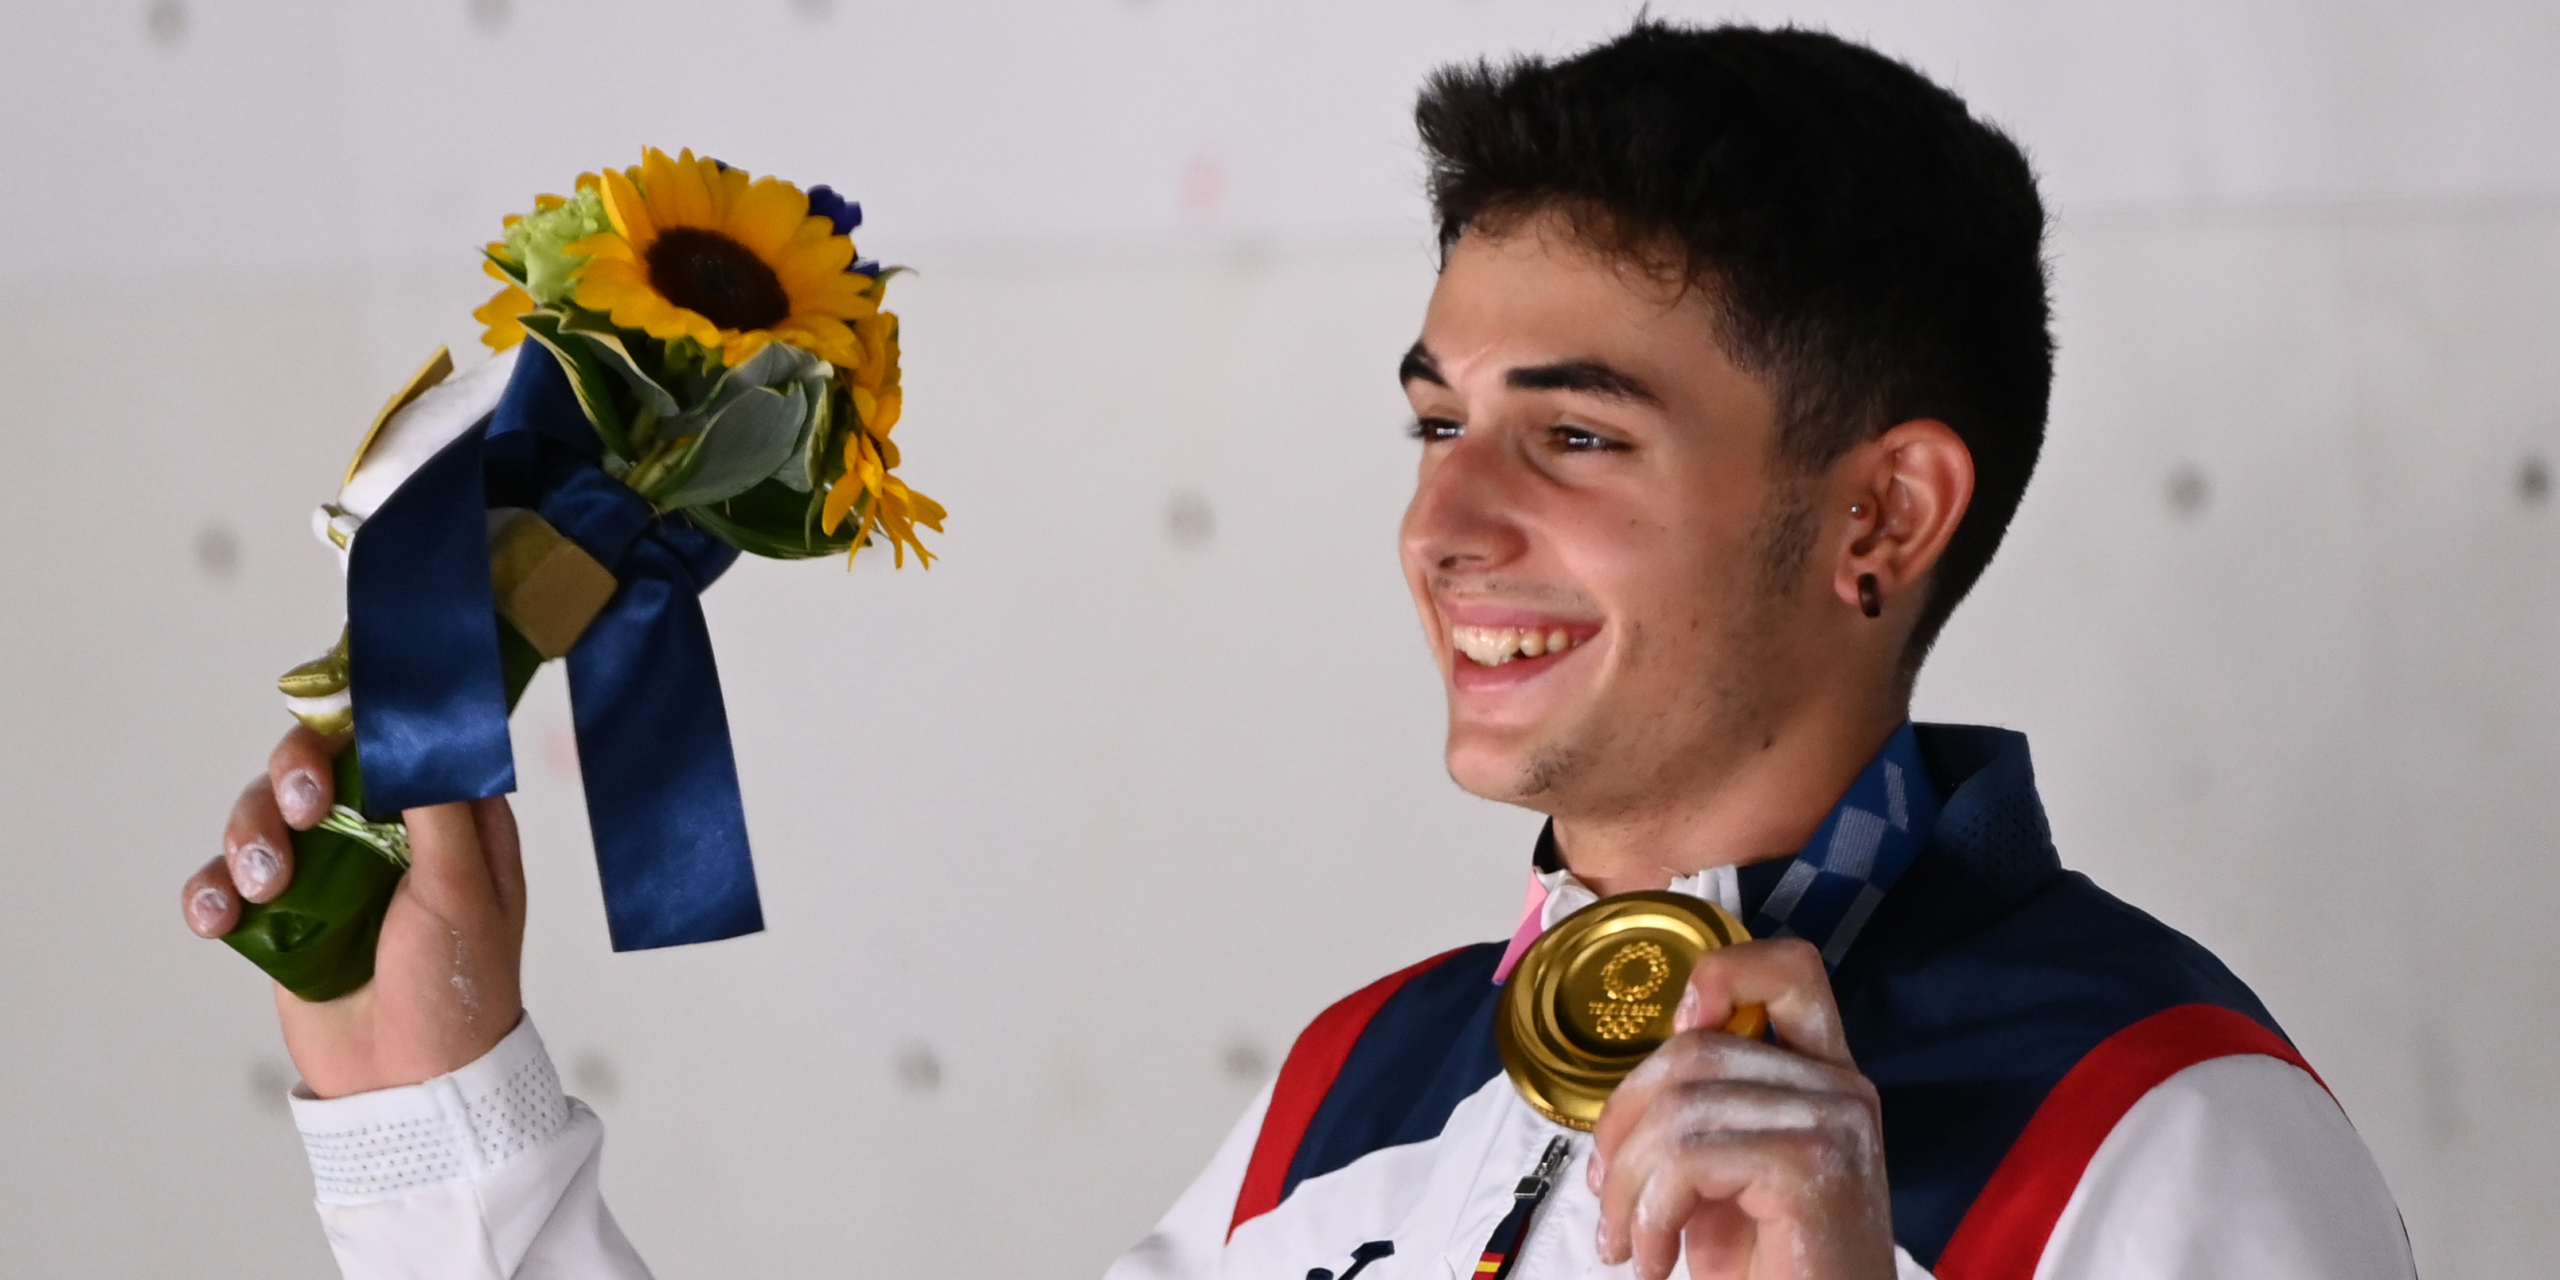 Alberto Ginés, campió olímpic d'escalada | Europa Press